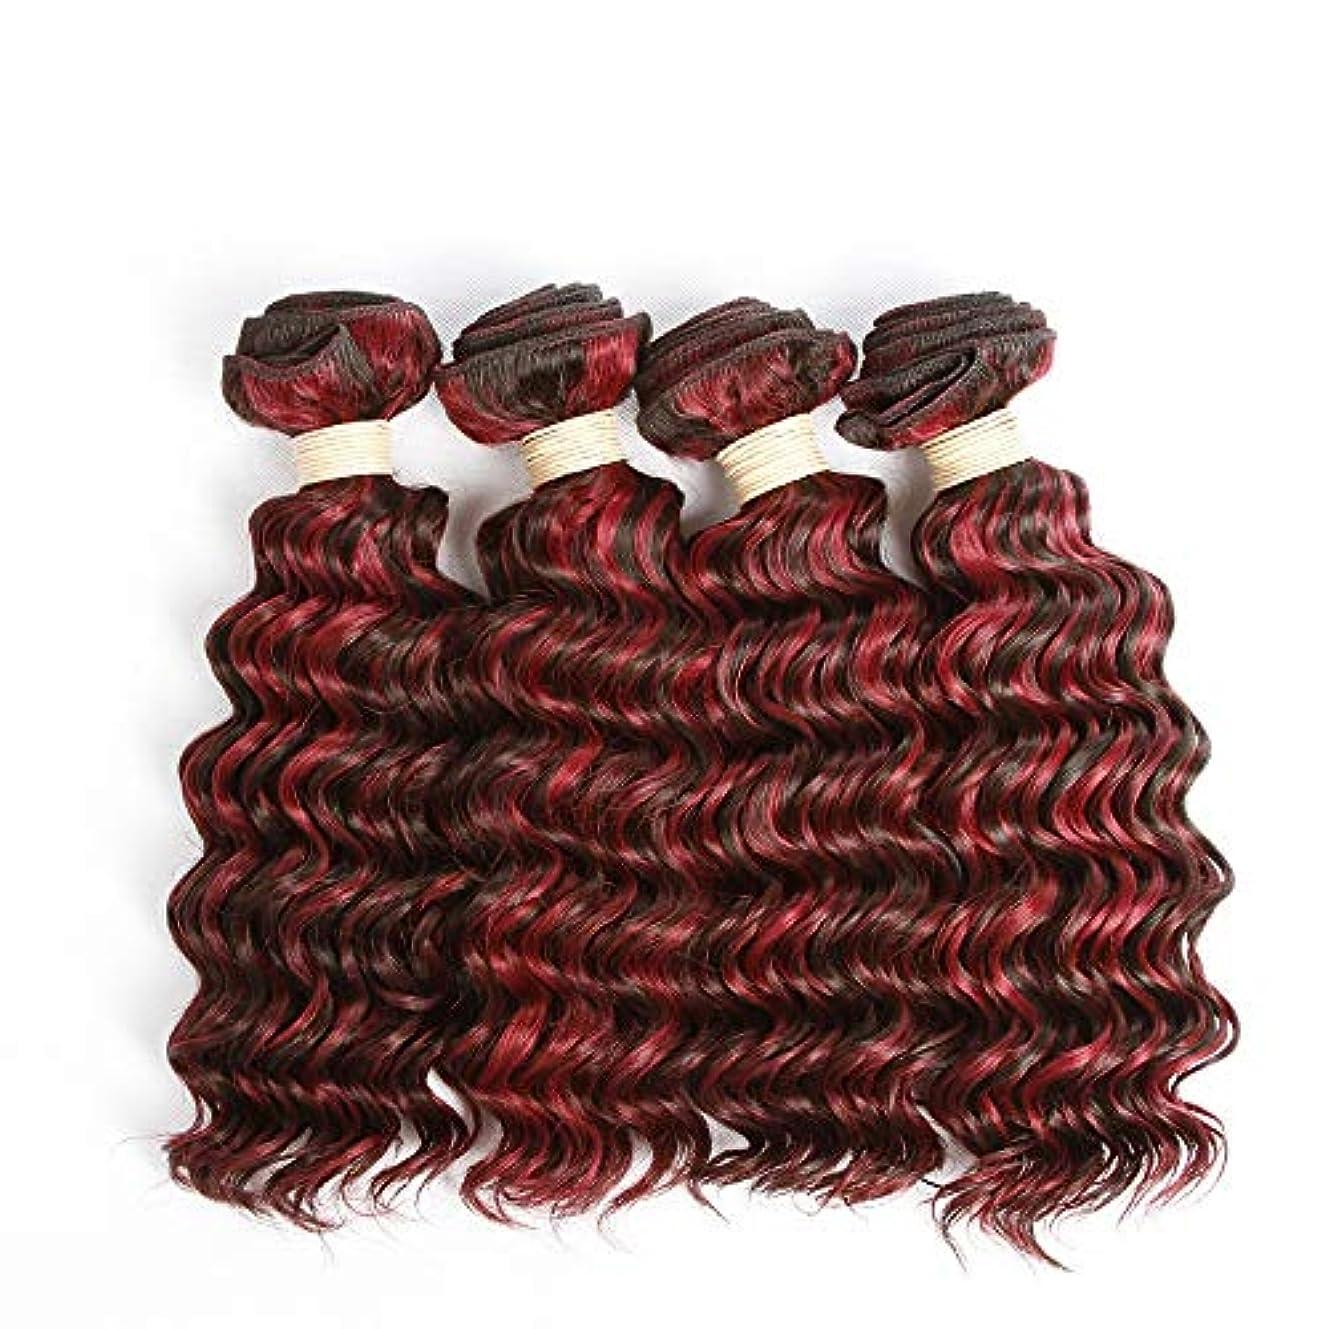 達成する不誠実WASAIO 8「-28」黒人女性のためのブラジルのディープウェーブヘアーウィッグ - 赤茶色の2トーン色(8「-28」、1バンドル、50グラム) (色 : Red-brown, サイズ : 8 inch)